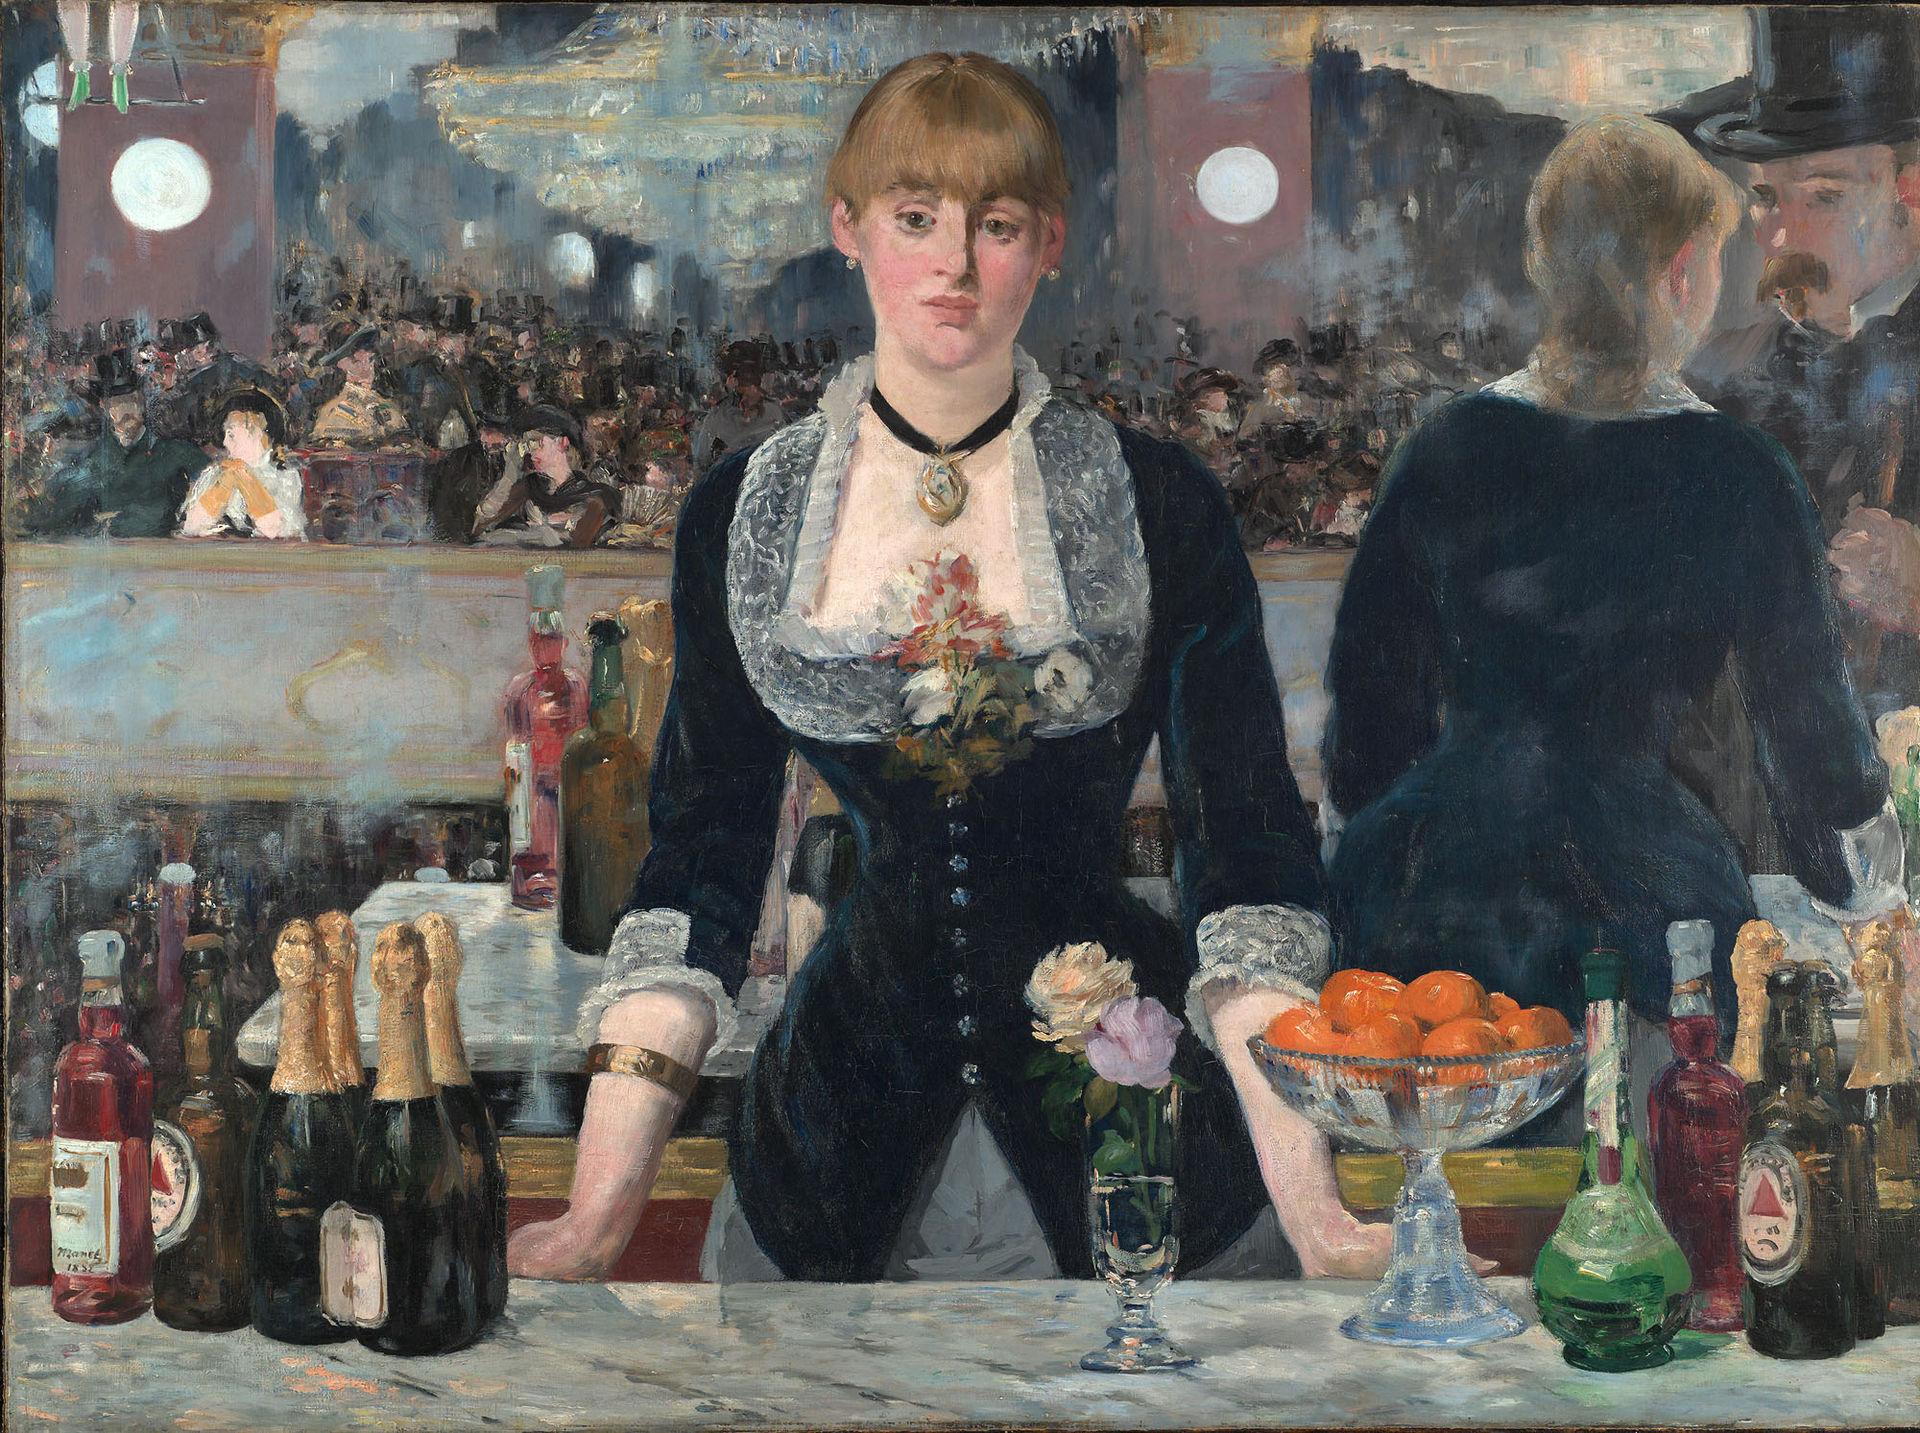 Édouard Manet,  A Bar at the Folies-Bergère (Un Bar aux Folies-Bergère) , 1882, Courtauld Institute of Art.